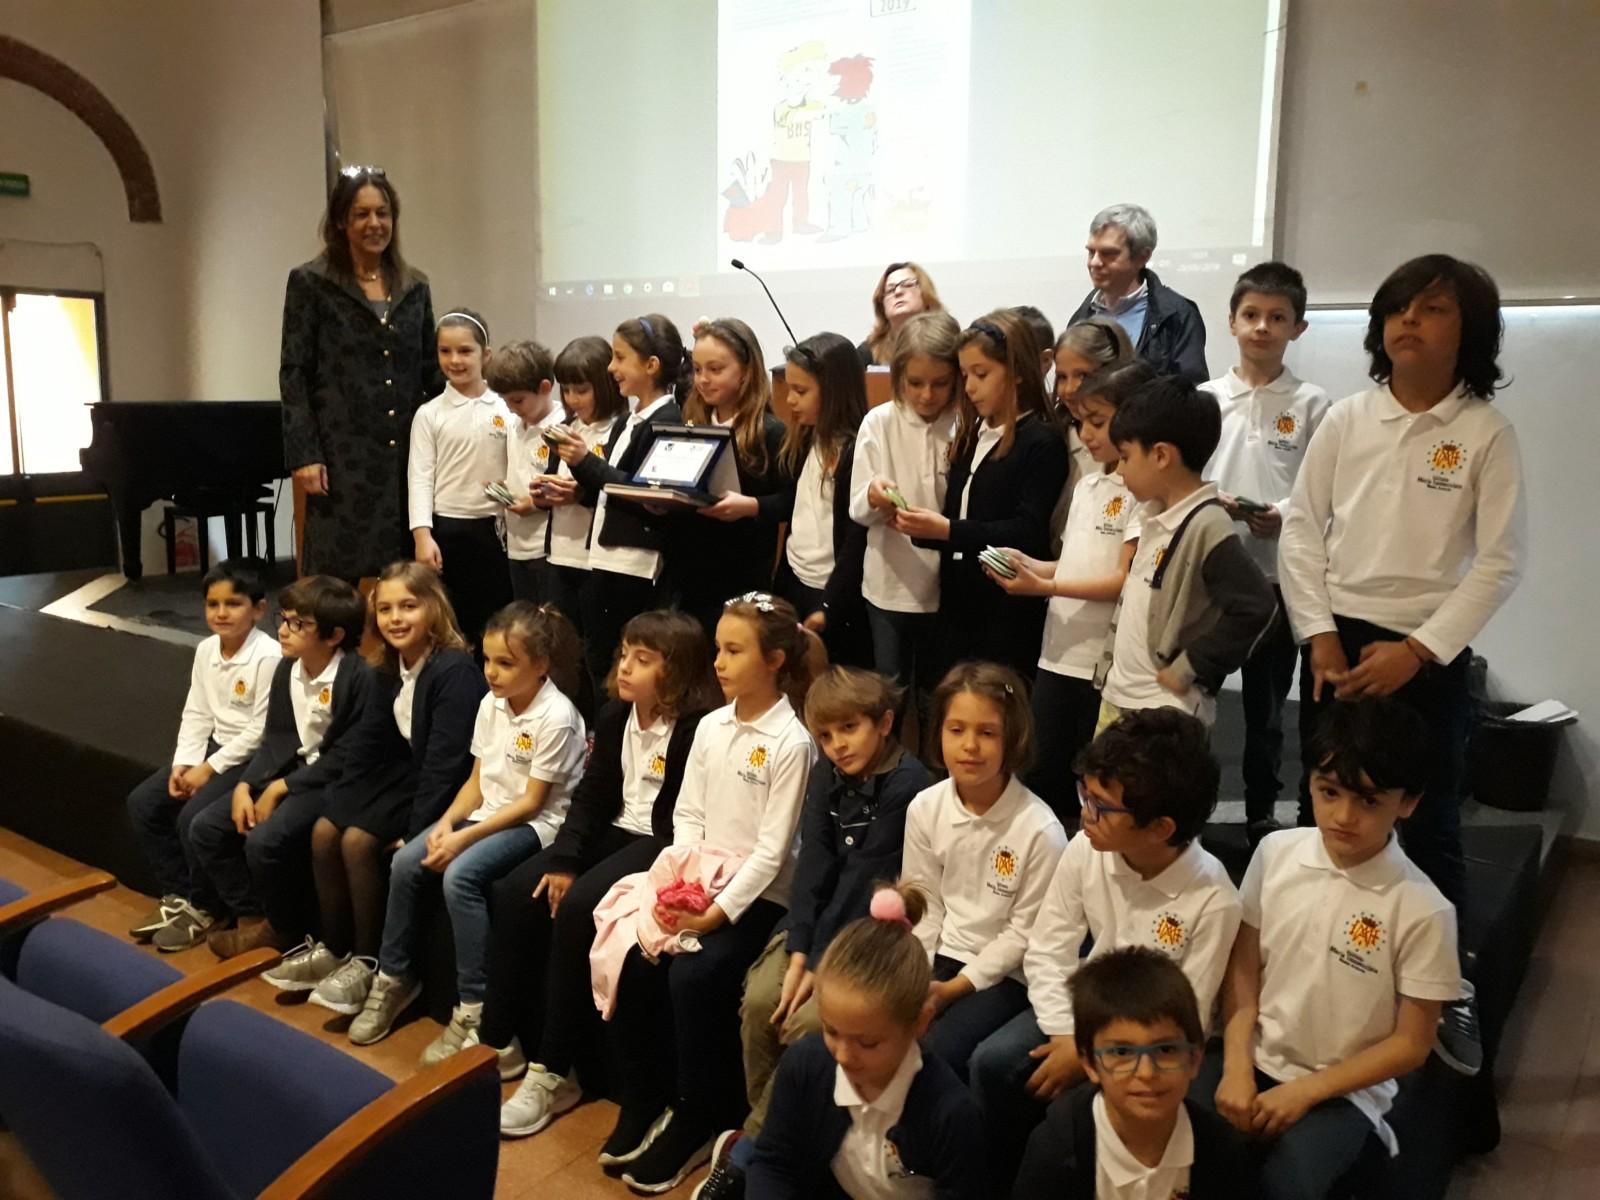 Busto arsizio premiate le scuole solidali di donacibo for Le torri arredamento busto arsizio